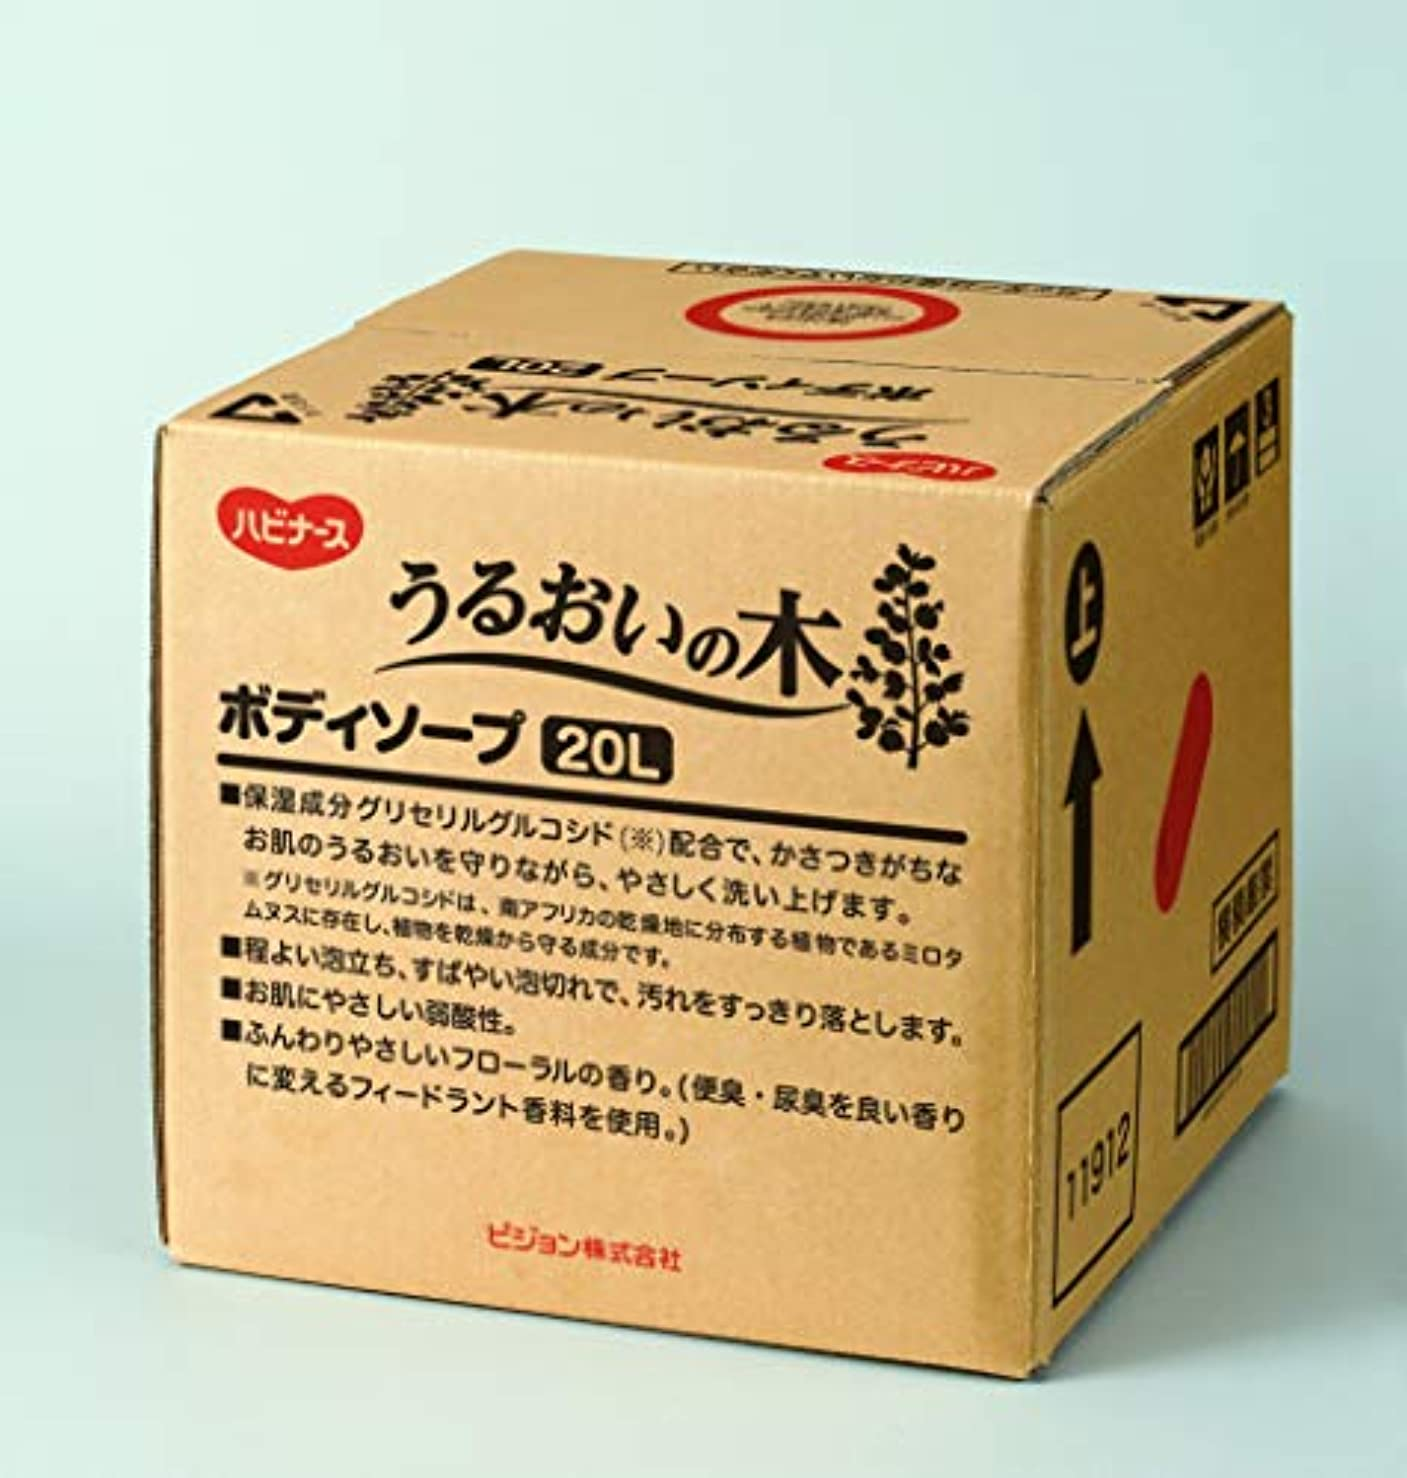 ライブ修正する平和ハビナース うるおいの木 ボディソープ 20L [業務用]